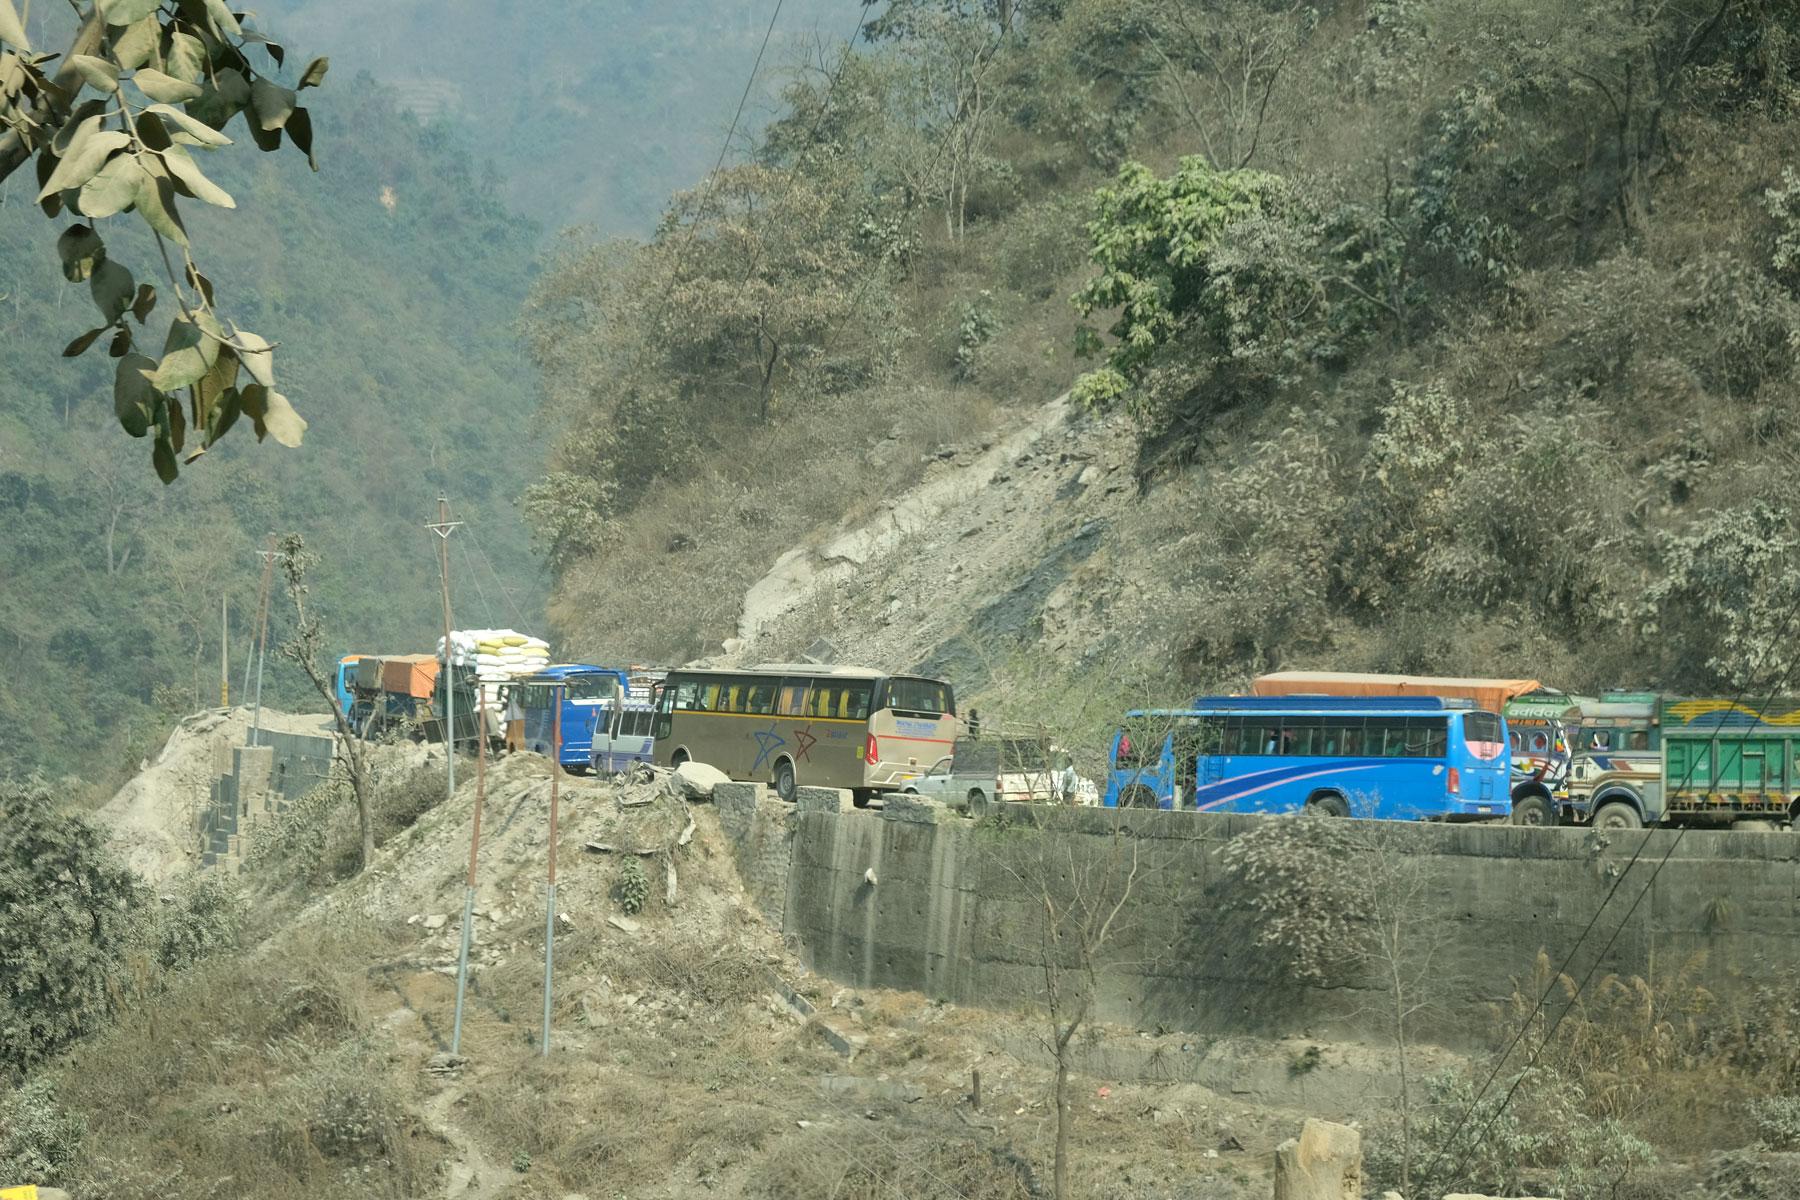 Busse und Lastwagen stehen im Stau auf einer Straße in Nepal.